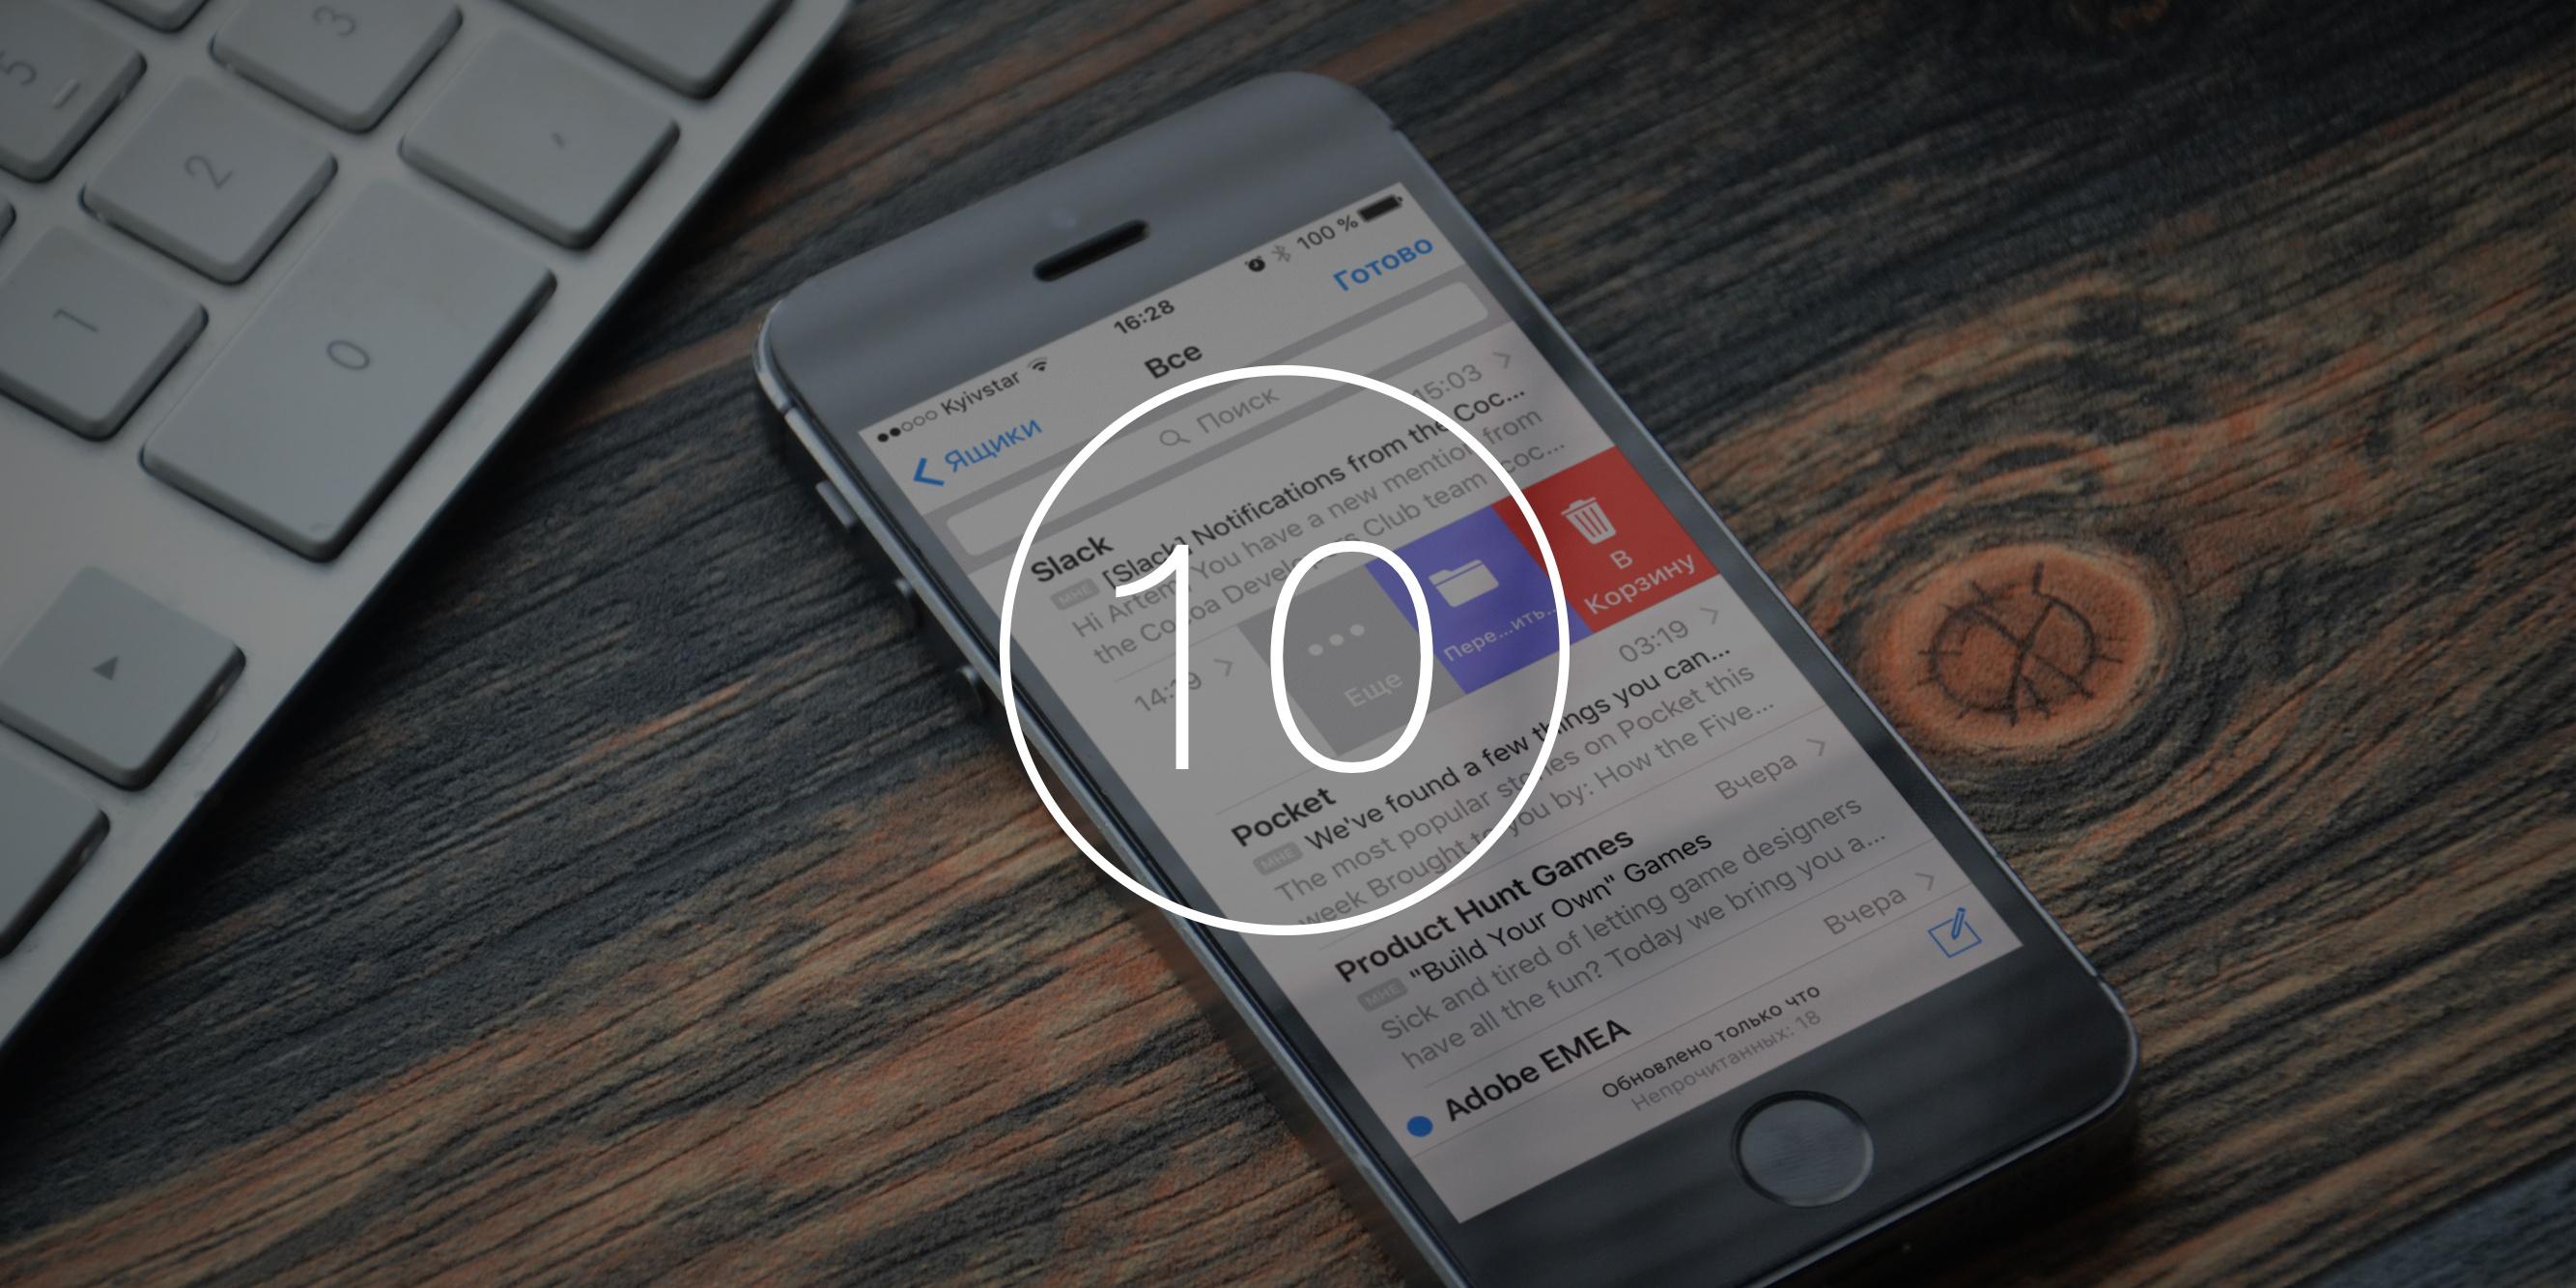 10 возможностей Mail для iOS, о которых стыдно не знать